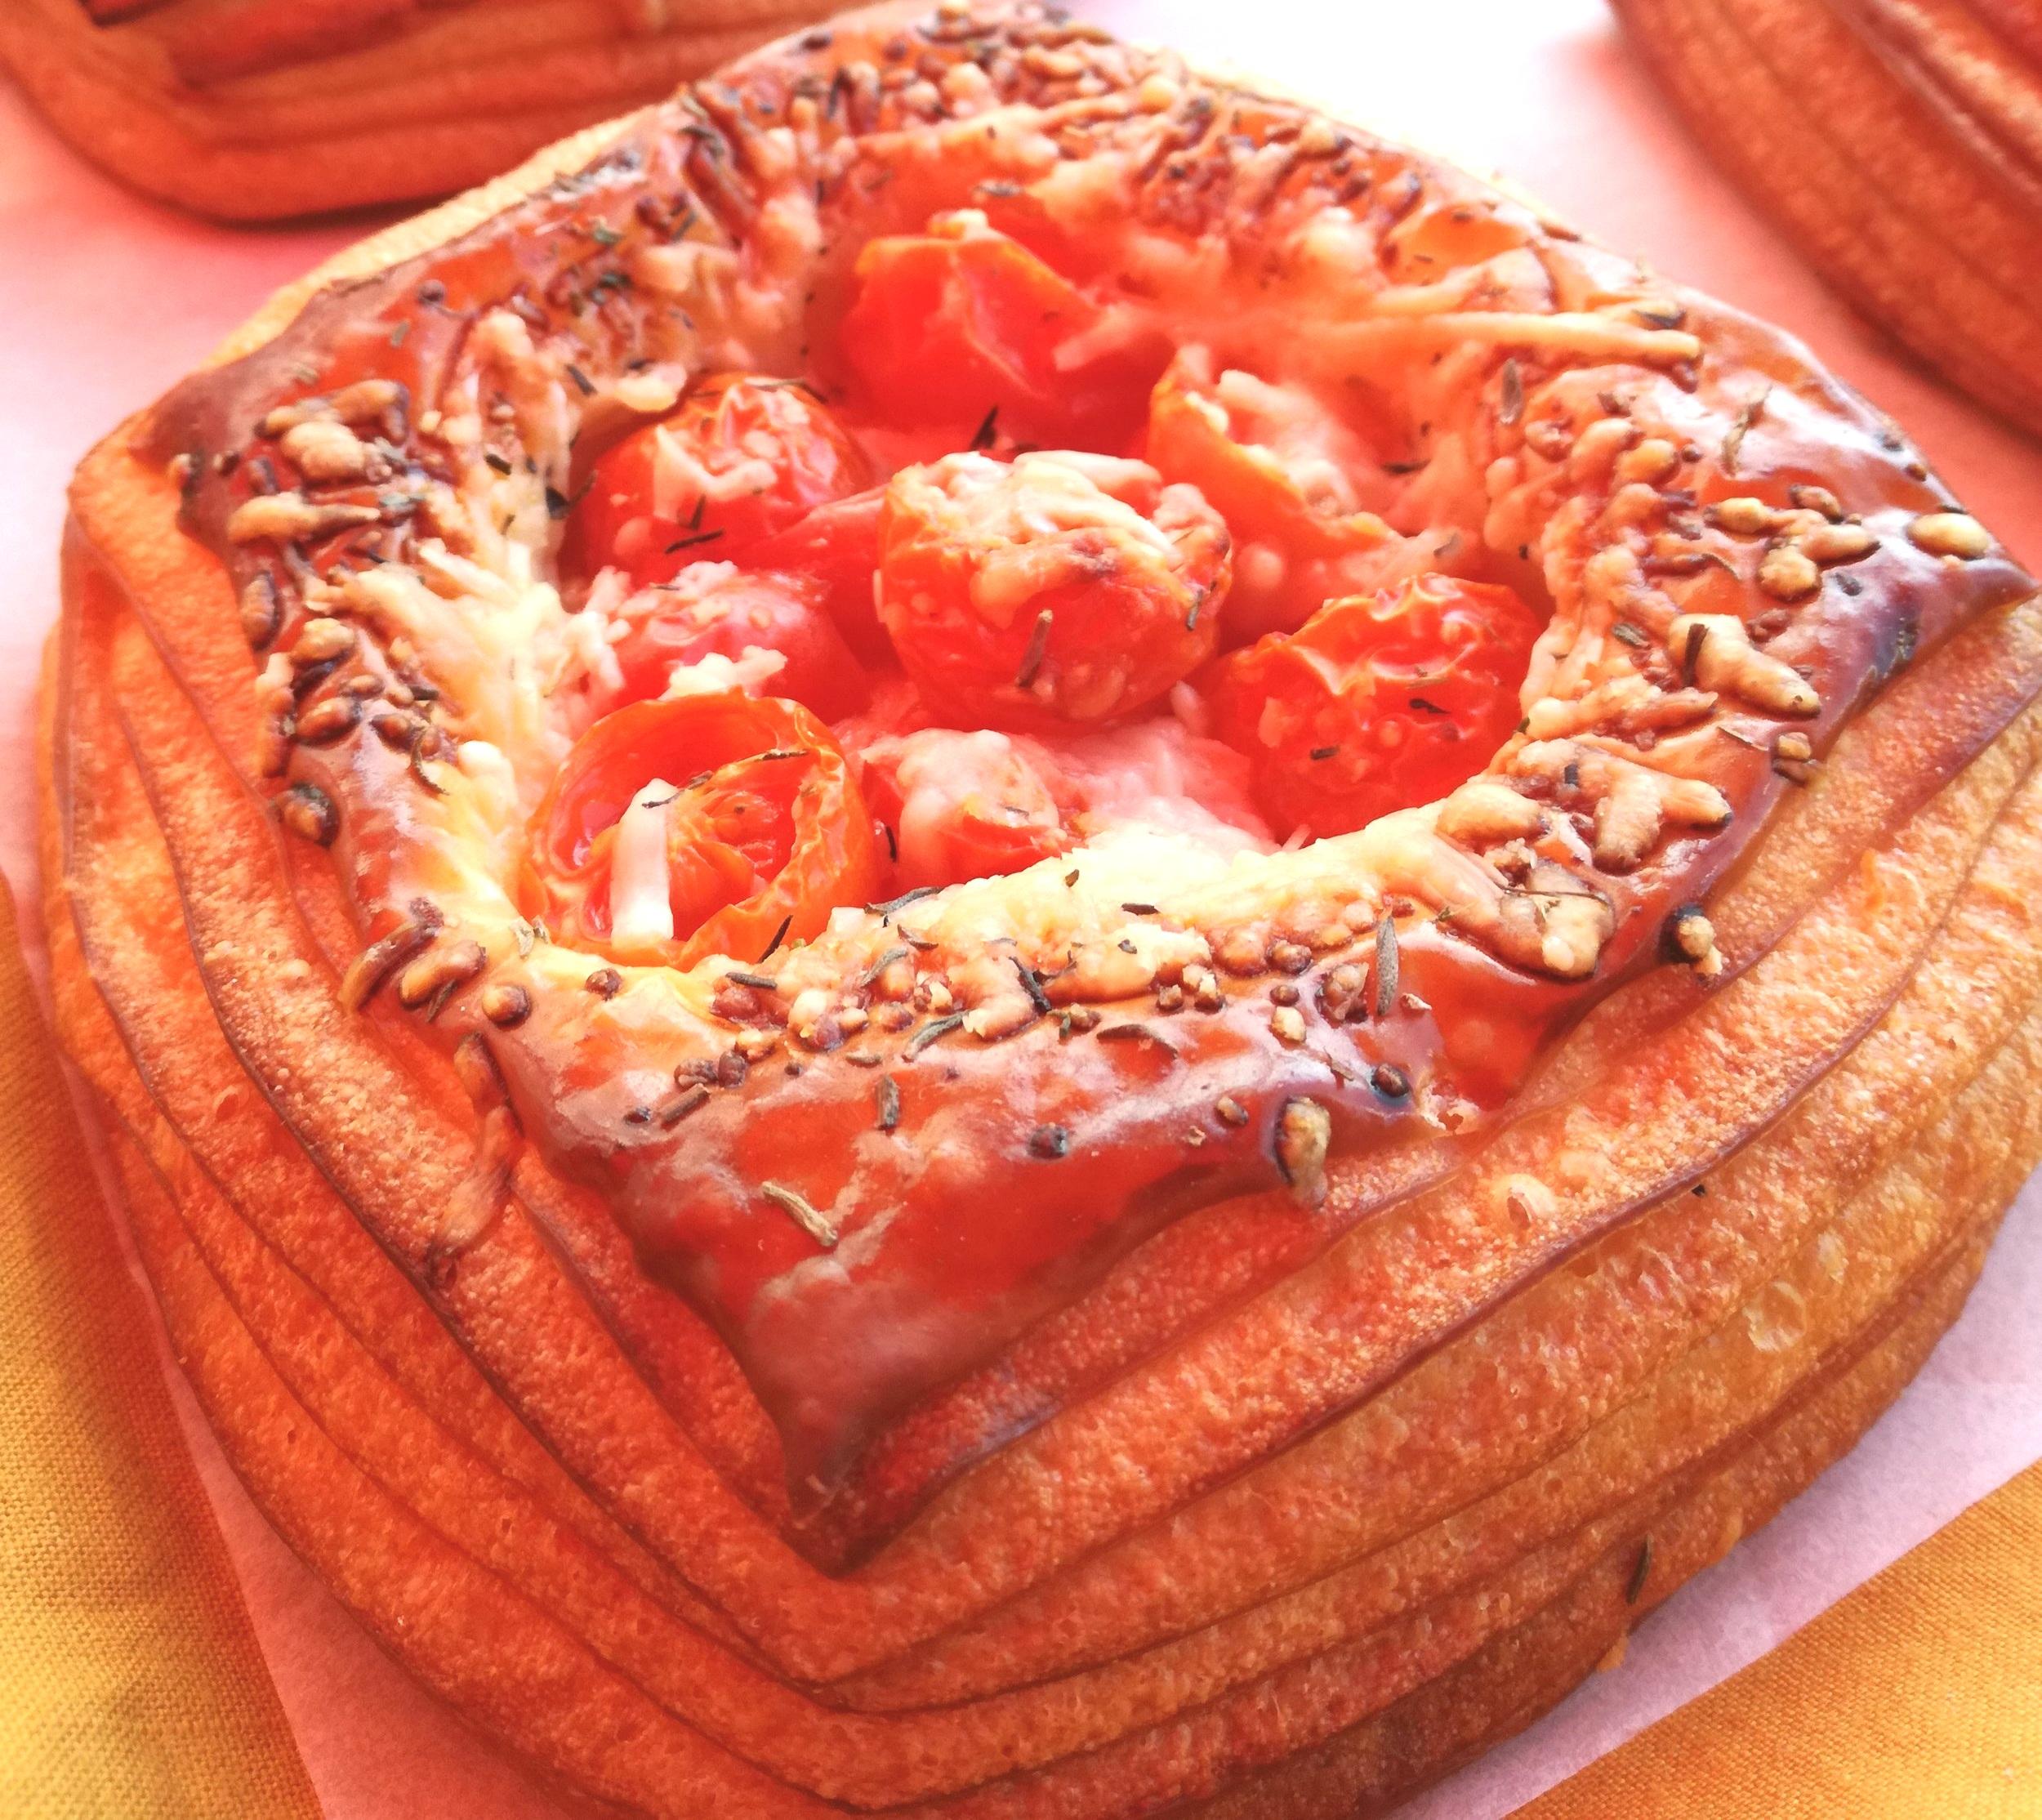 Tomato Panier